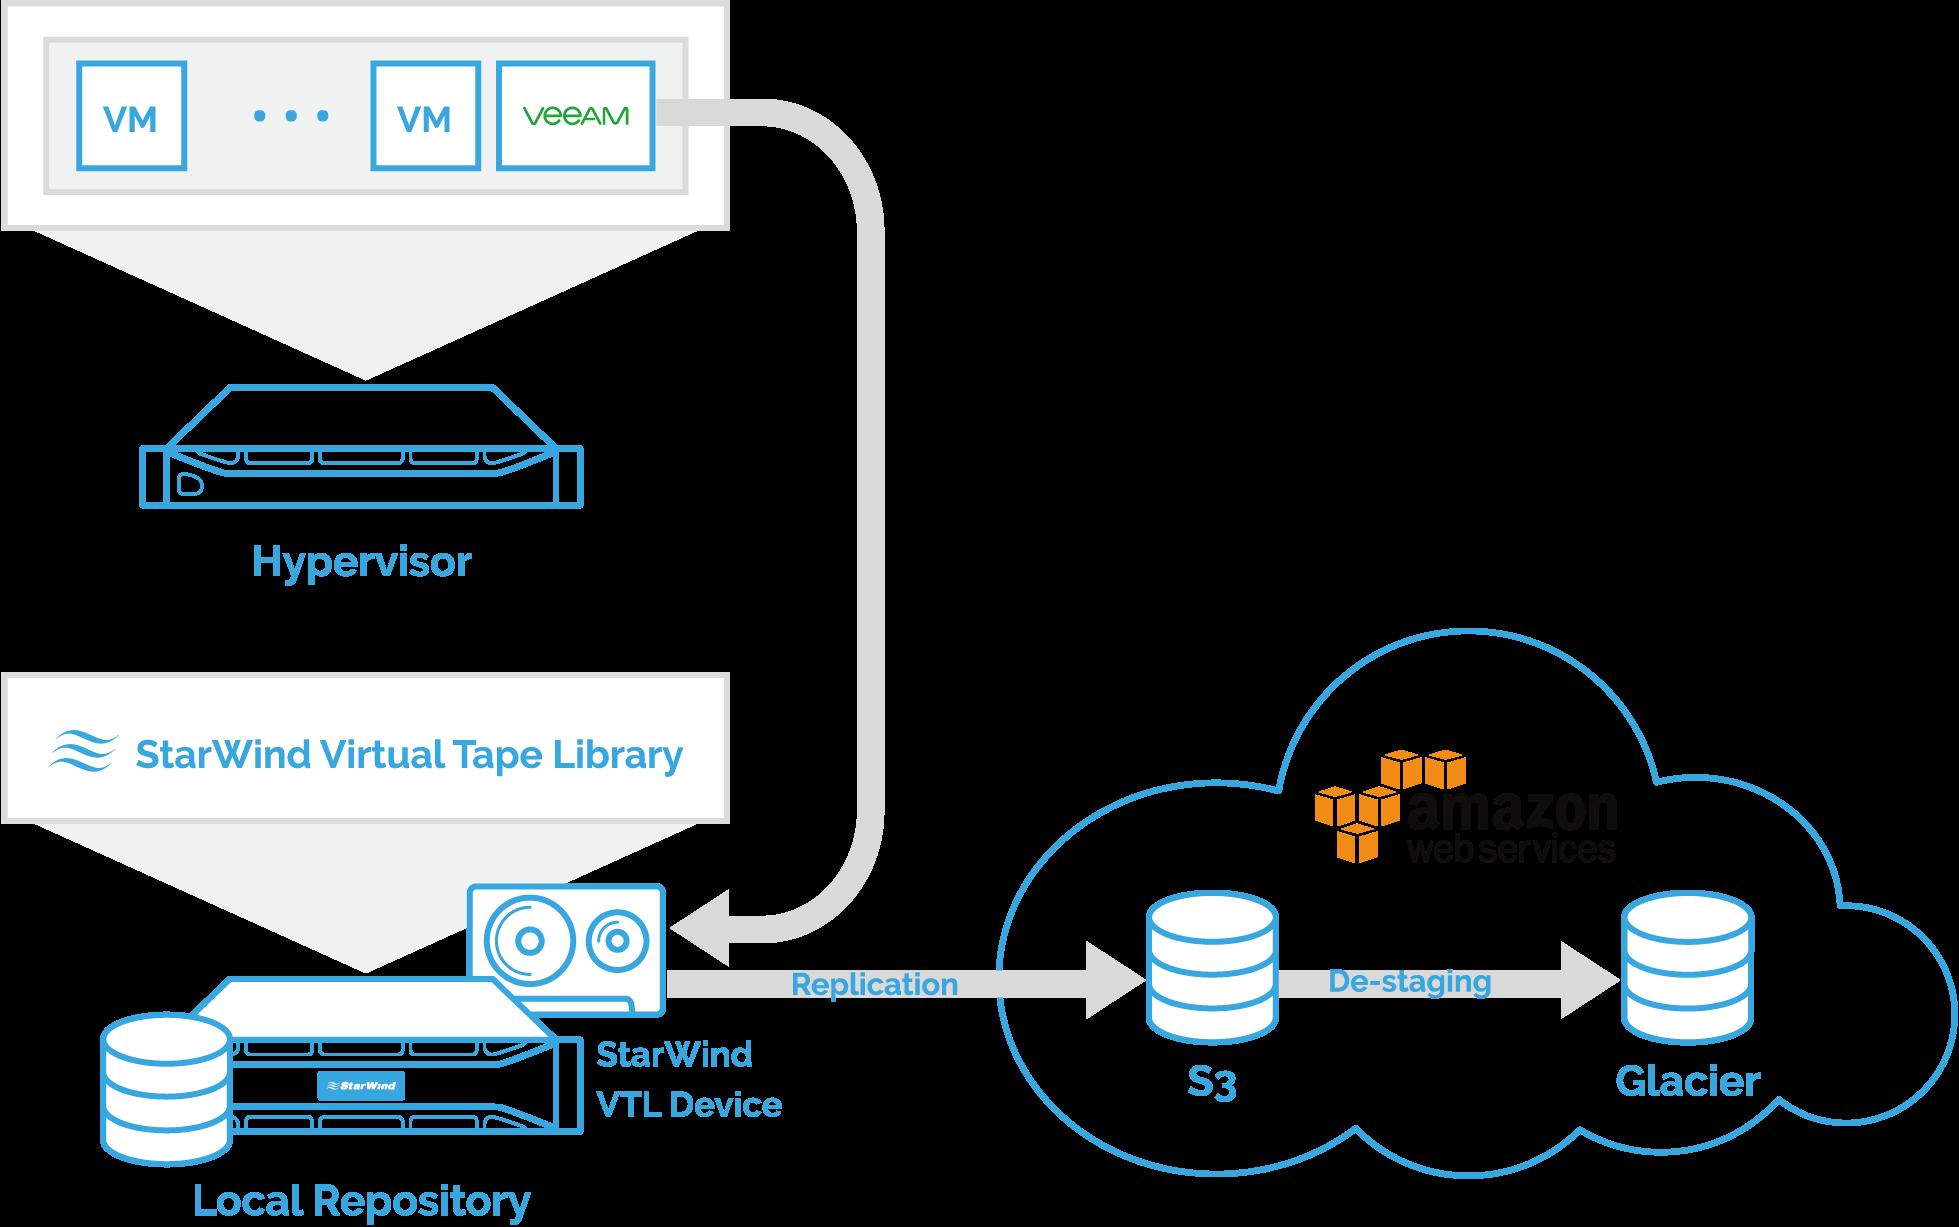 Backups sind auf dem lokalen HDD-Repository zu speichern. Danach werden sie gemäß der angegebenen Aufbewahrungsrichtlinie in den Cloud-Objektspeicher übertragen.